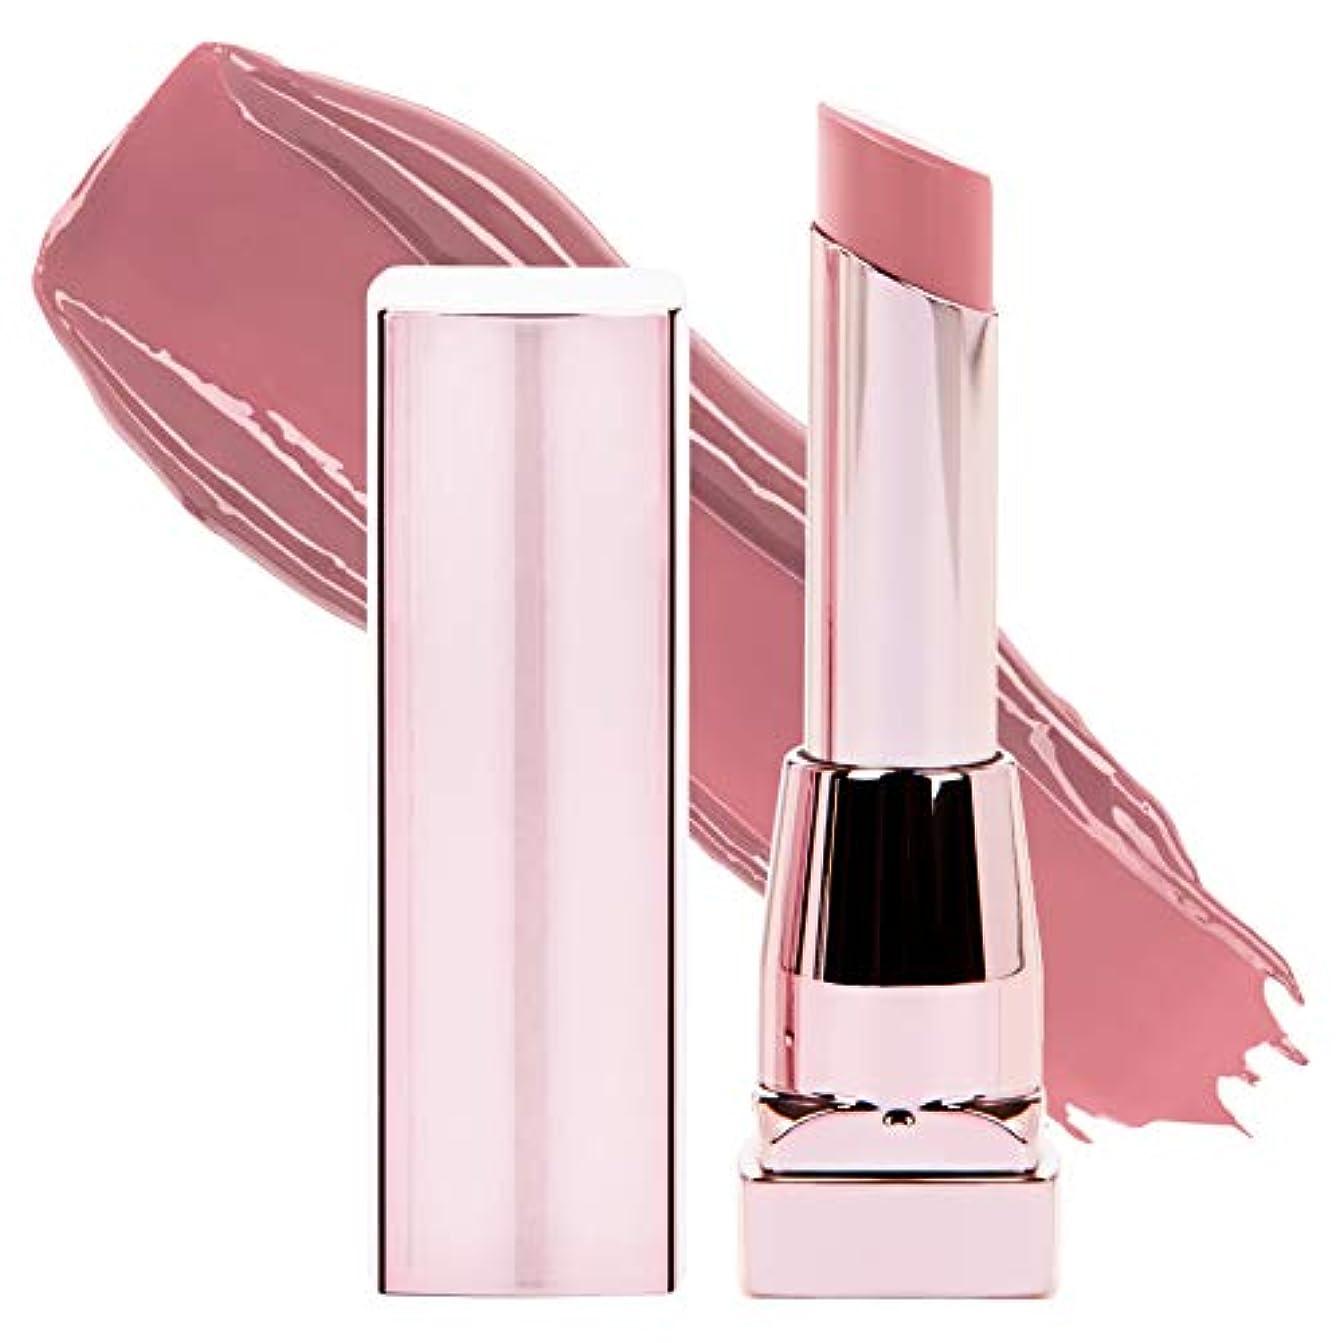 必要性クリーク極めて重要なMAYBELLINE Color Sensational Shine Compulsion Lipstick - Undressed Pink 075 (並行輸入品)